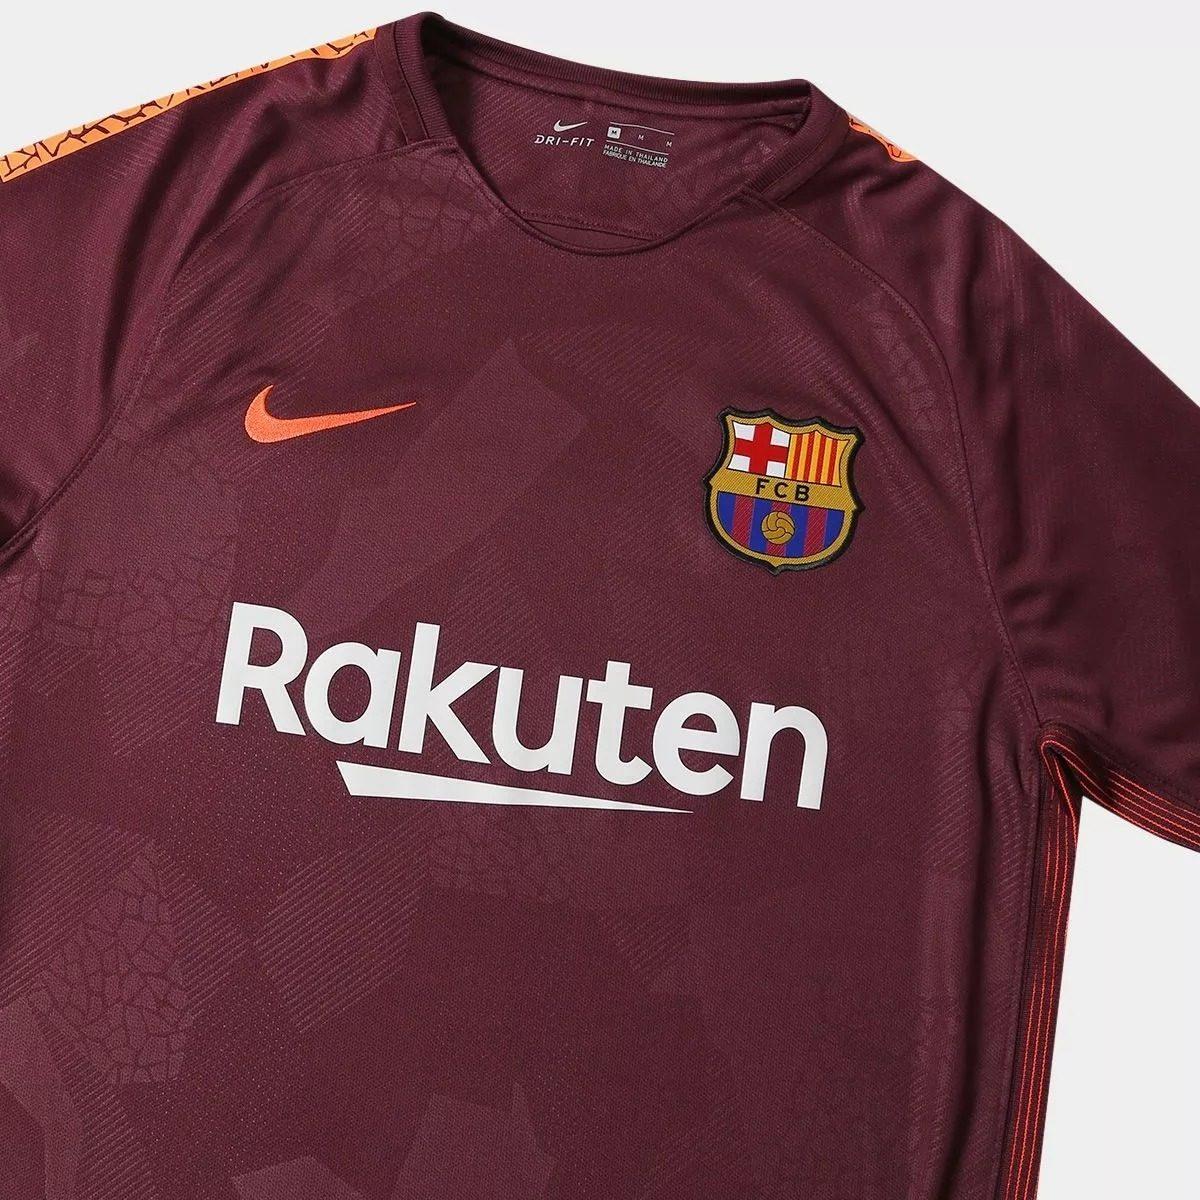 69117f98d camiseta do barcelona grená 2017   2018 original nike - 28. Carregando zoom.